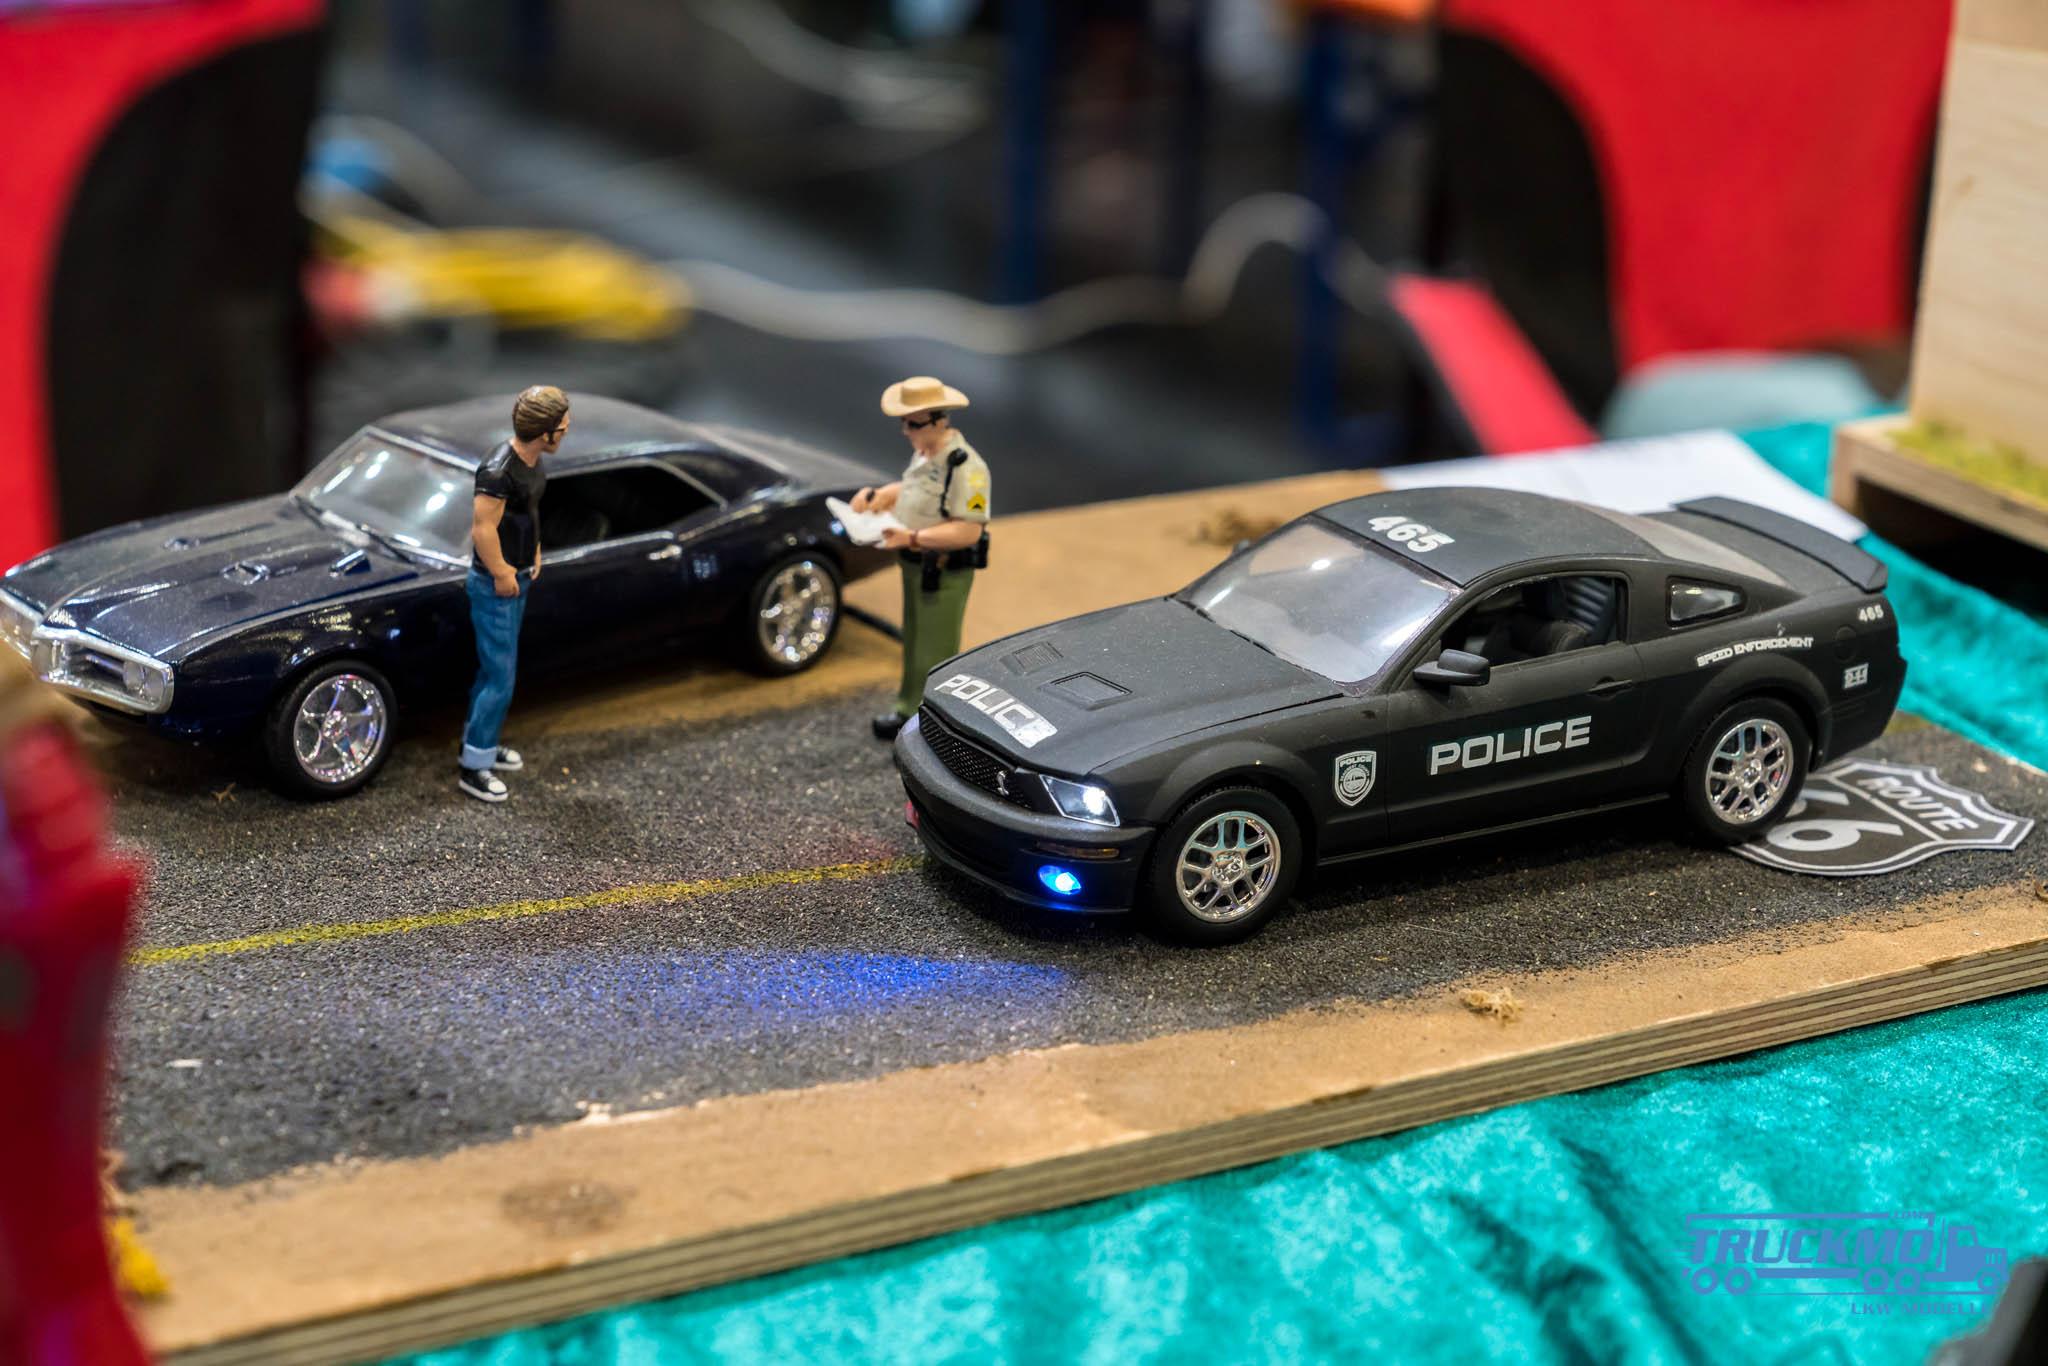 Truckmo_Modellbau_Ried_2017_Herpa_Messe_Modellbauausstellung (350 von 1177)